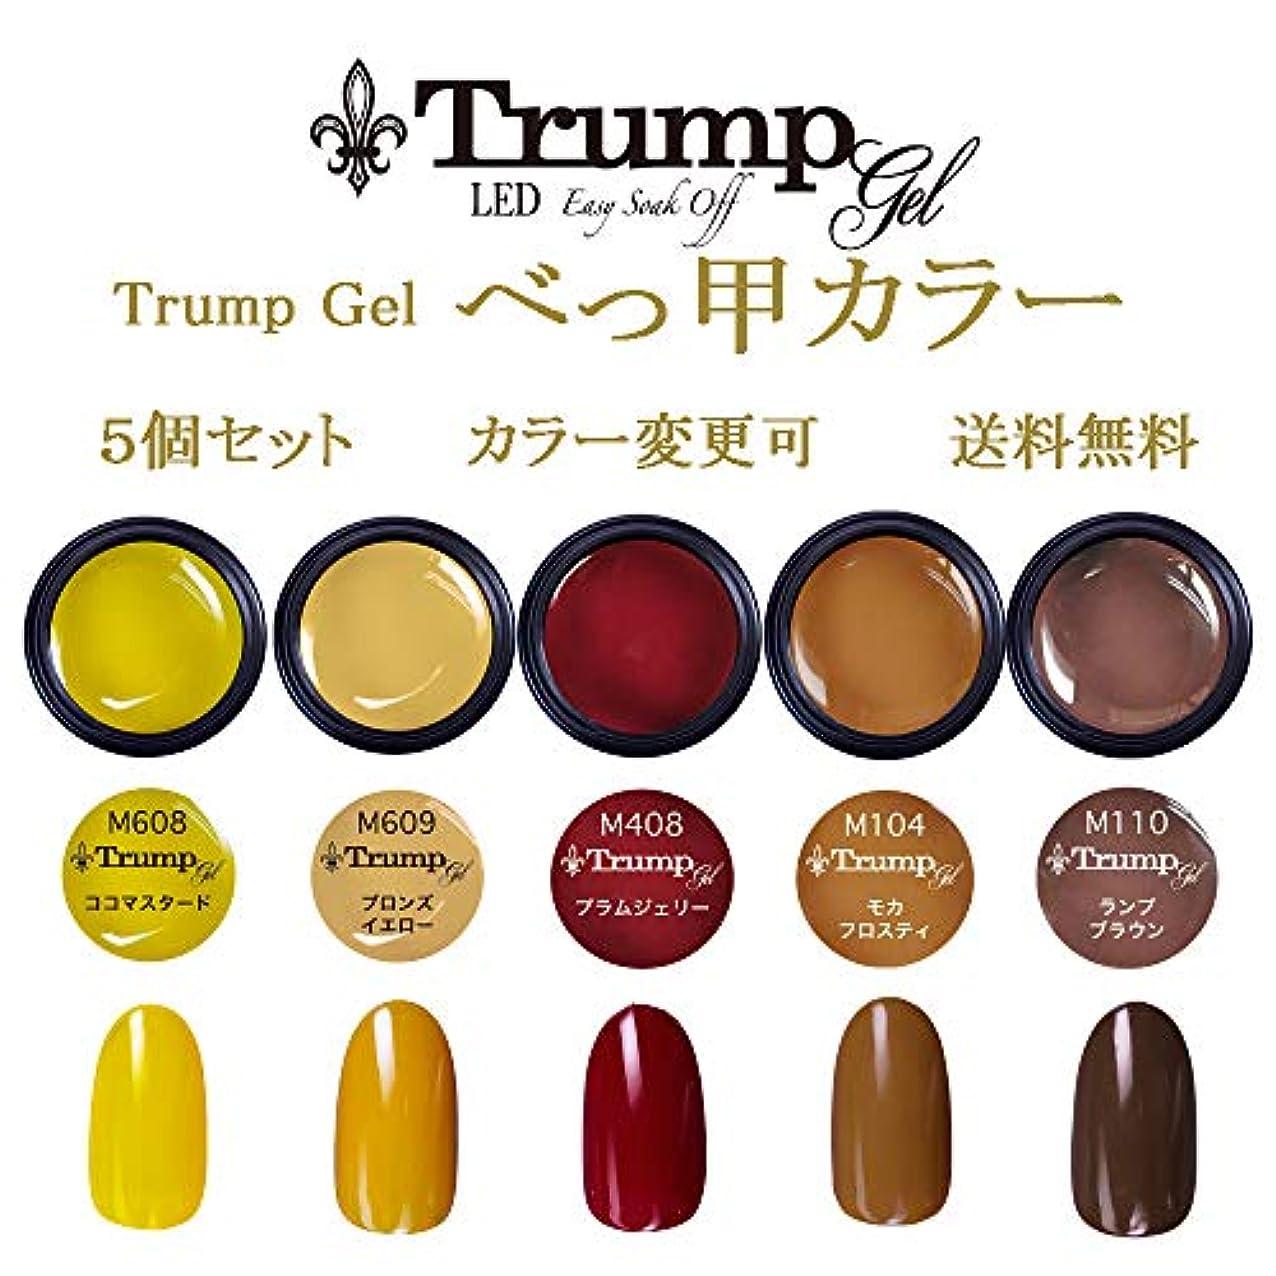 砦リファイン正義日本製 Trump gel トランプジェル べっ甲 ネイルカラー 選べる カラージェル 5個セット イエロー ブラウン ワイン べっこう